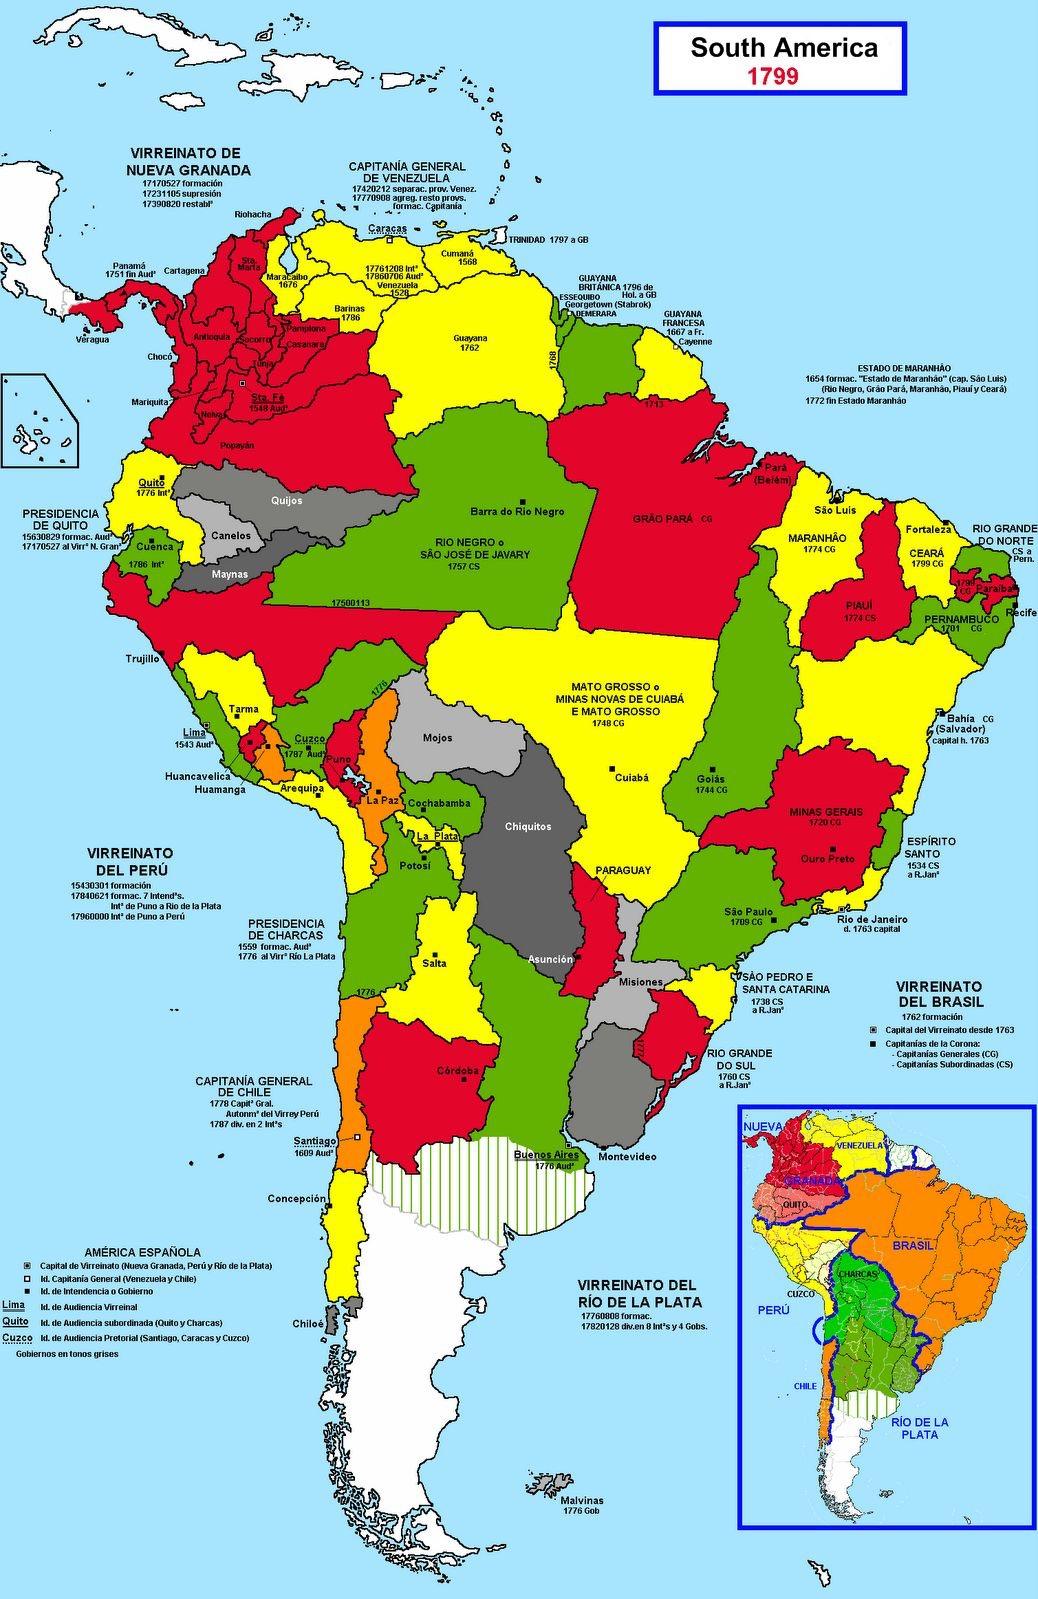 Divisão Política da América do Sul em 1799